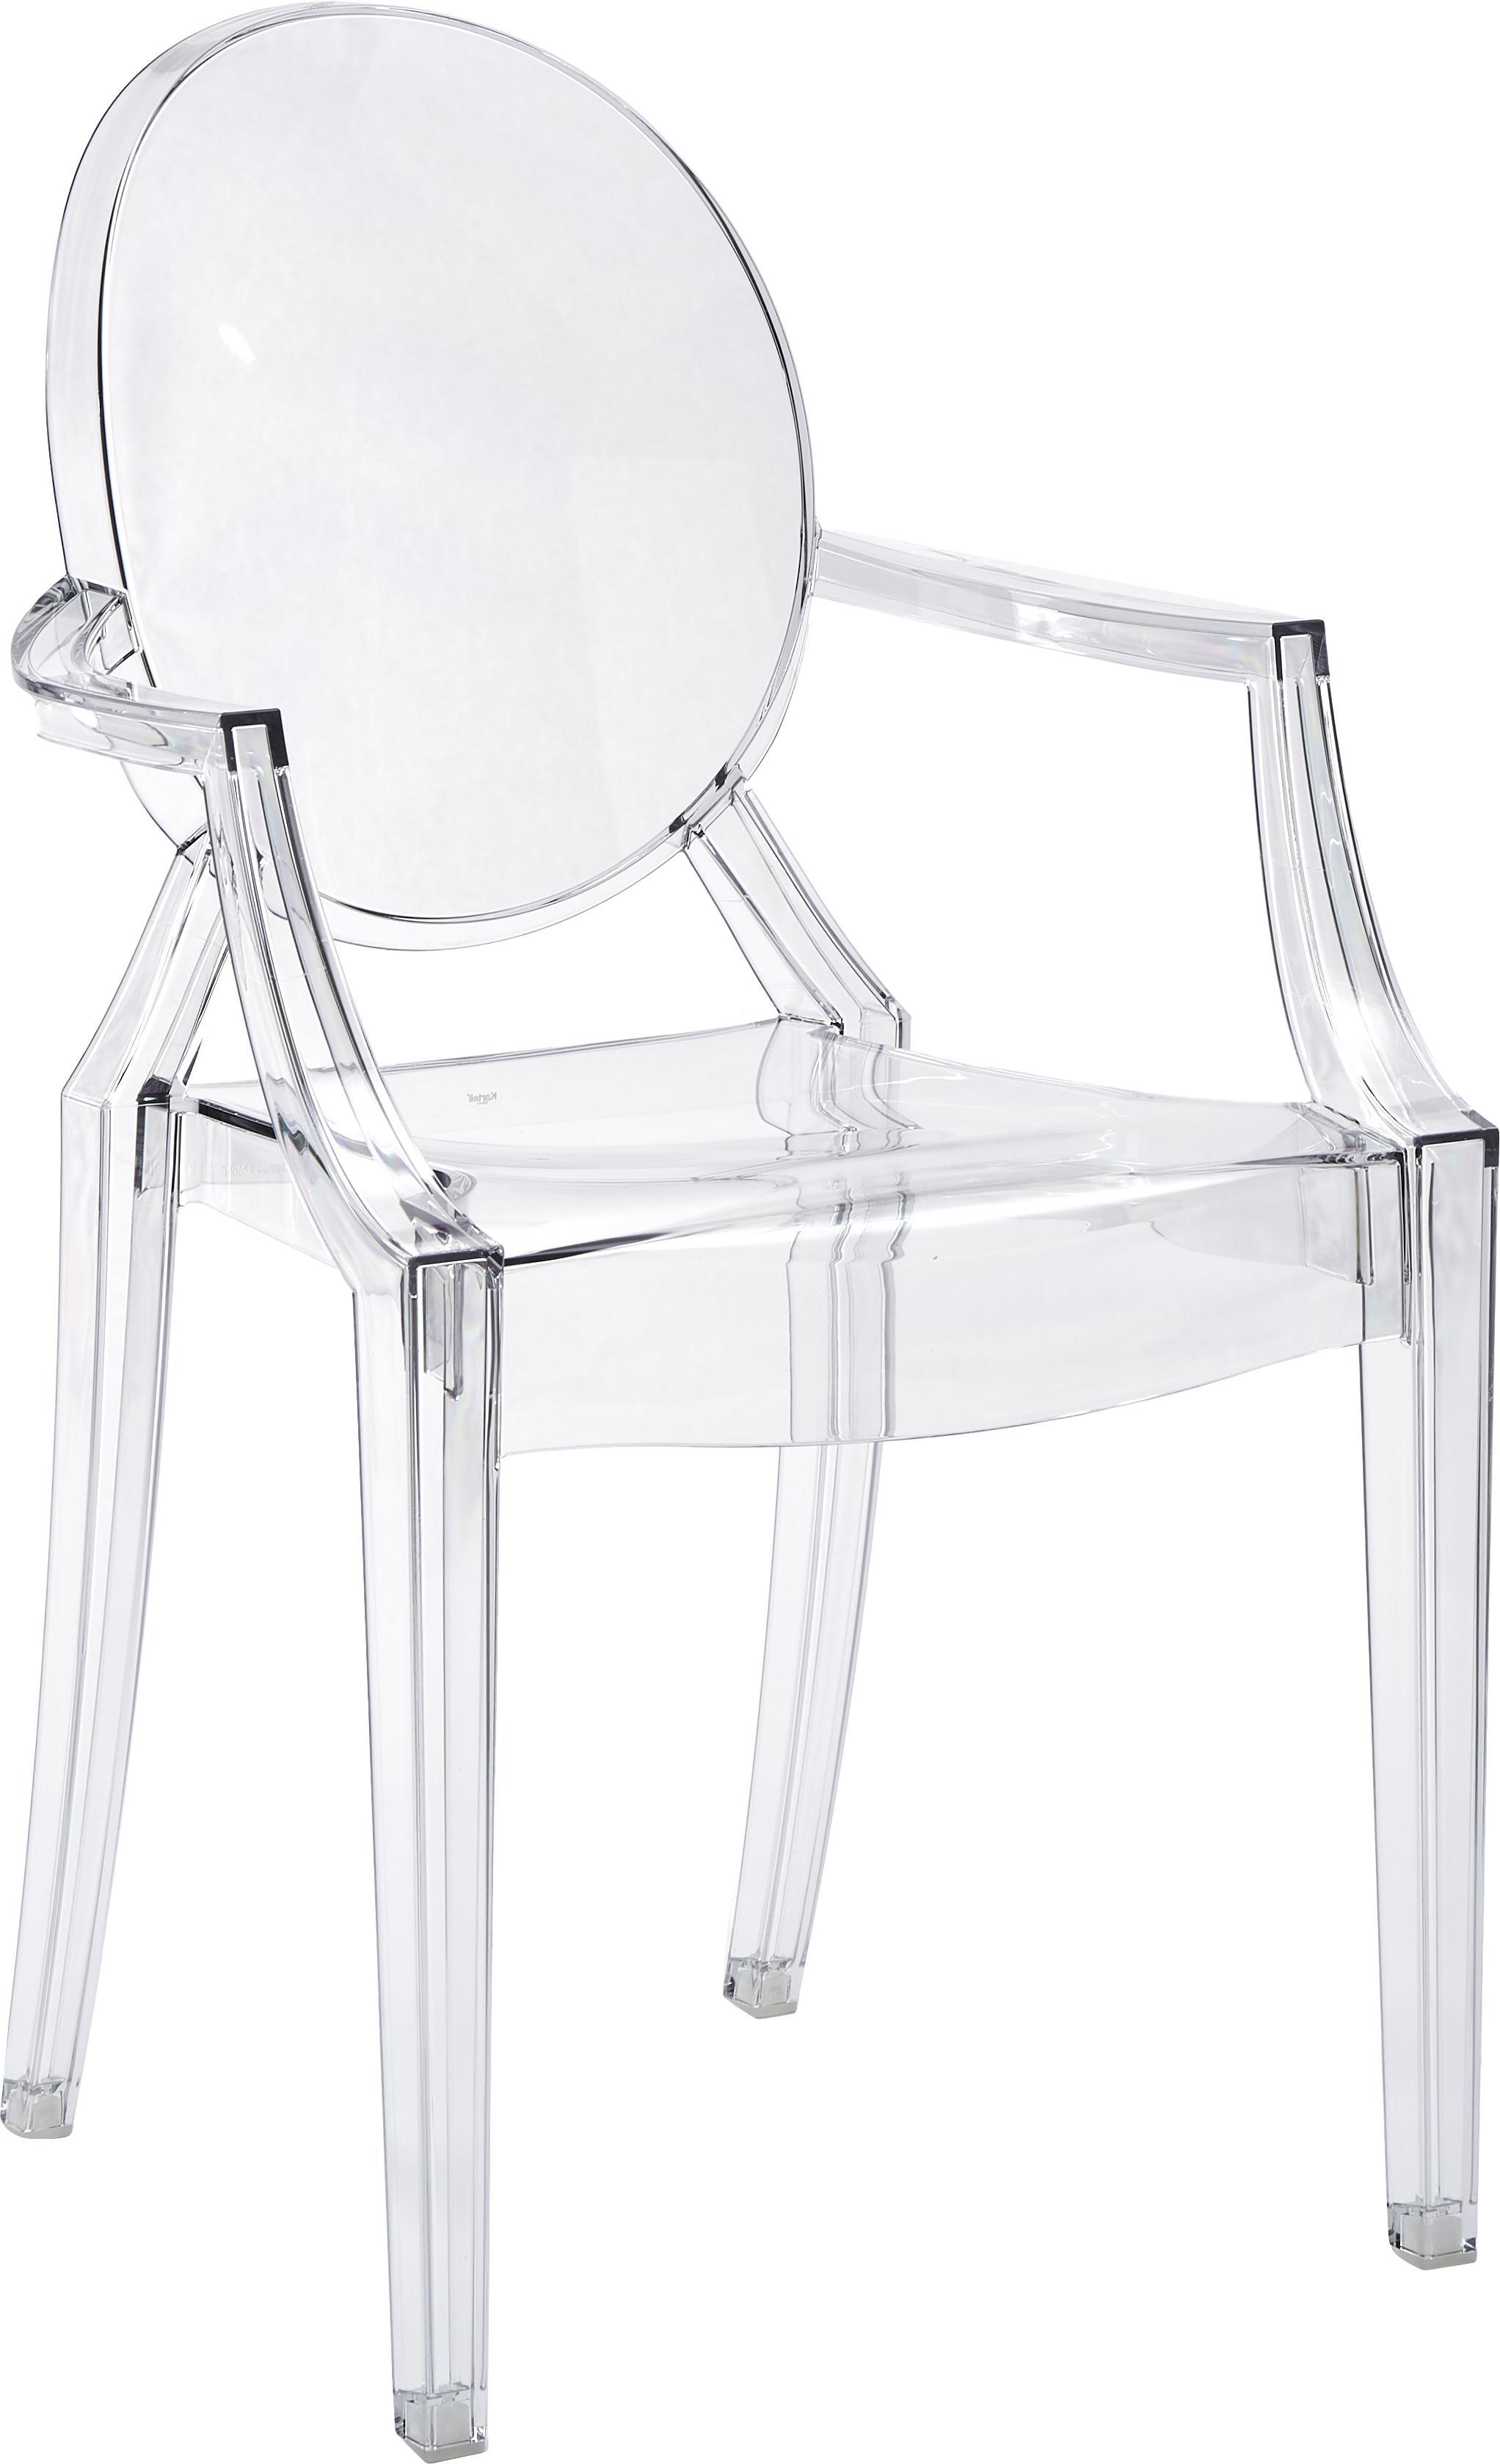 Krzesło z podłokietnikami Ghost, Poliwęglan, Transparentny, S 54 x W 94 cm